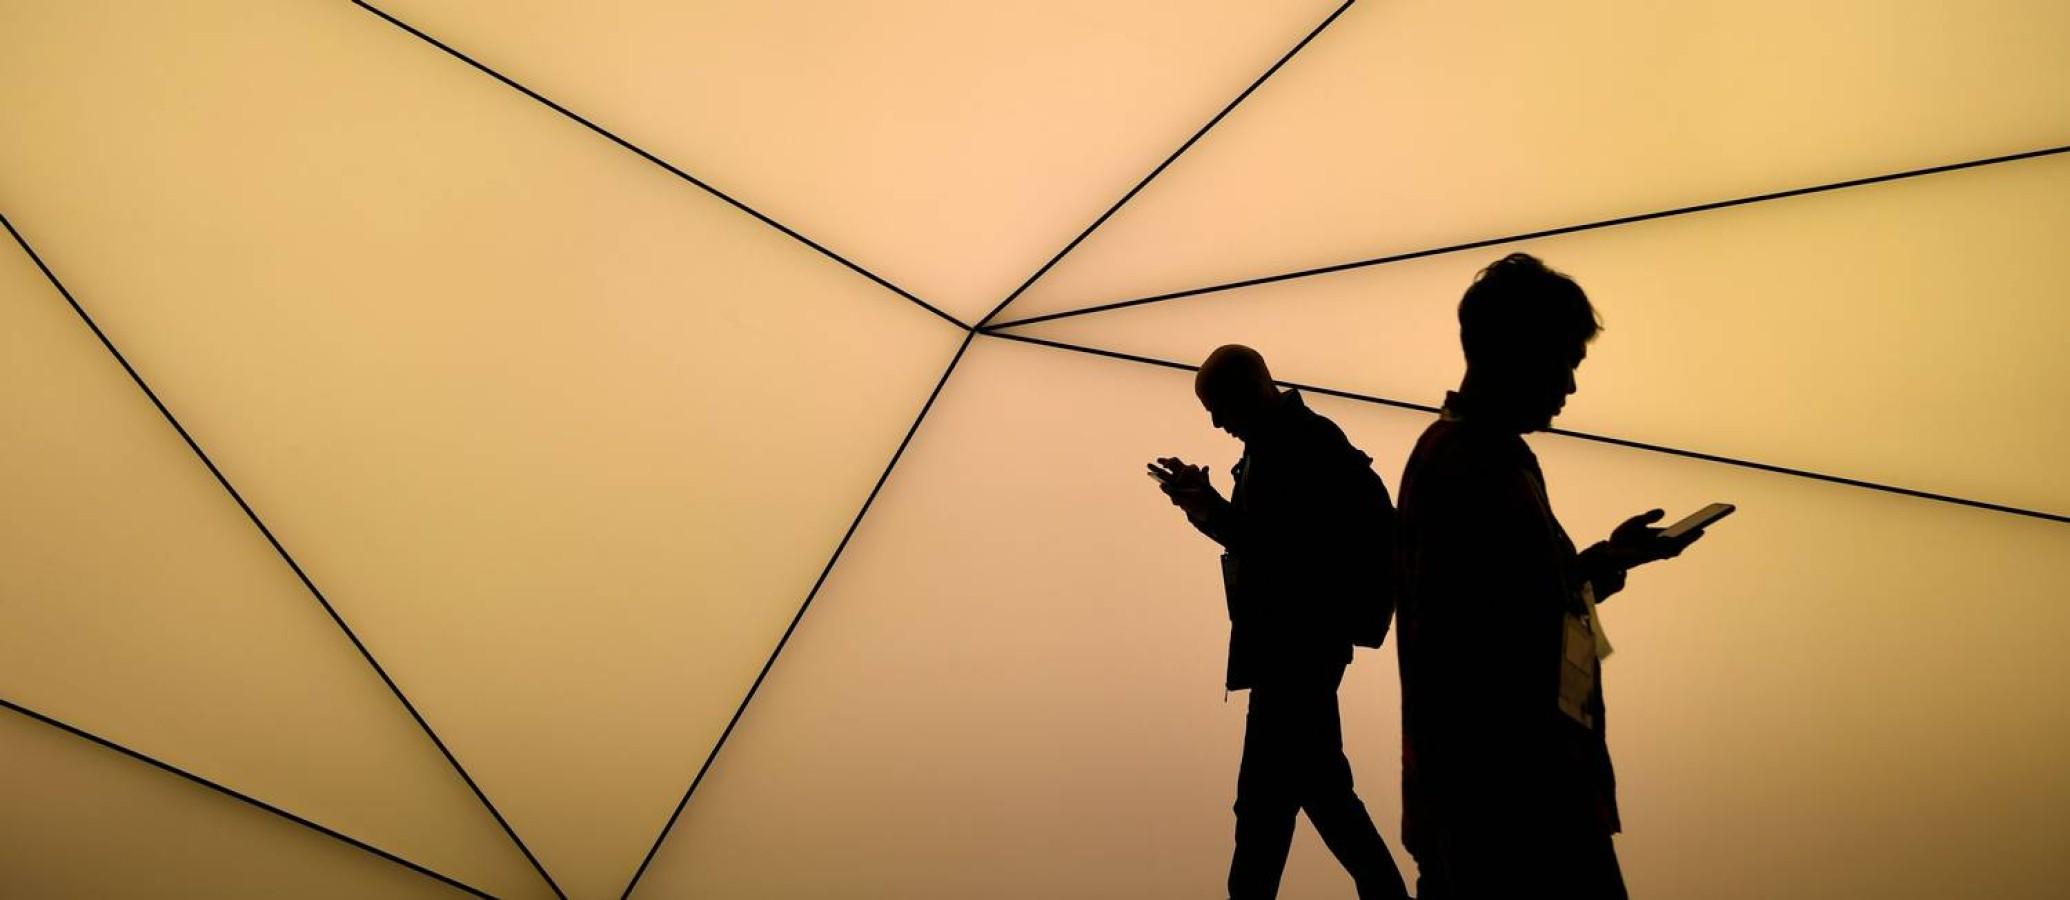 De 5G a chip eletrônico, veja as tendências do maior evento mundial de telefonia móvel